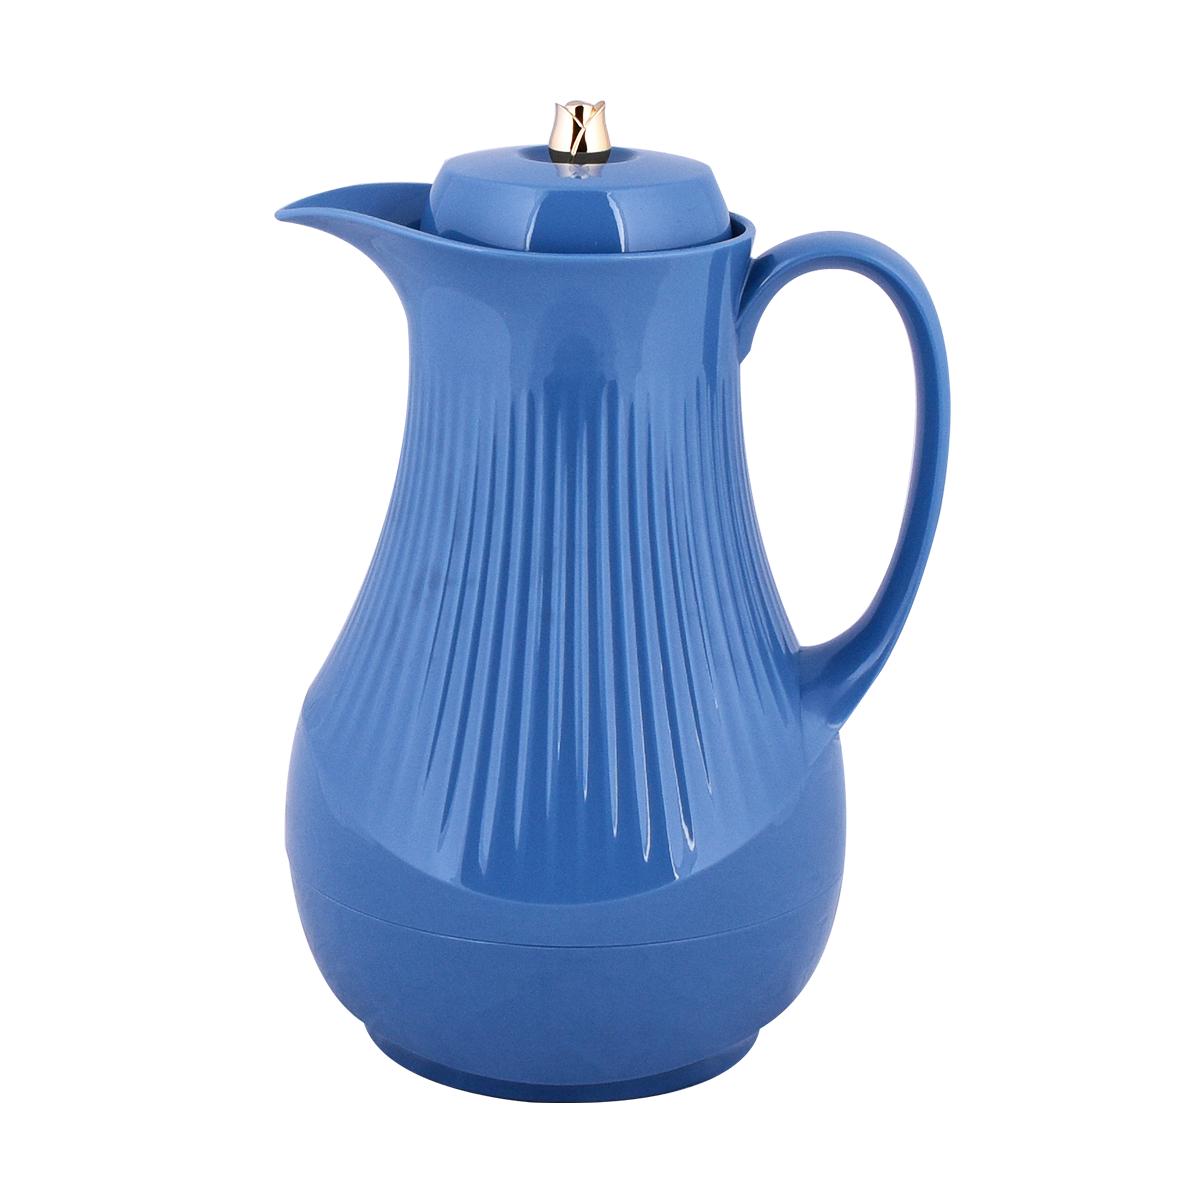 ترمس شاي وقهوة ديفا - DEVA - مقاس 1.0لتر - رقم K190490/BLBK